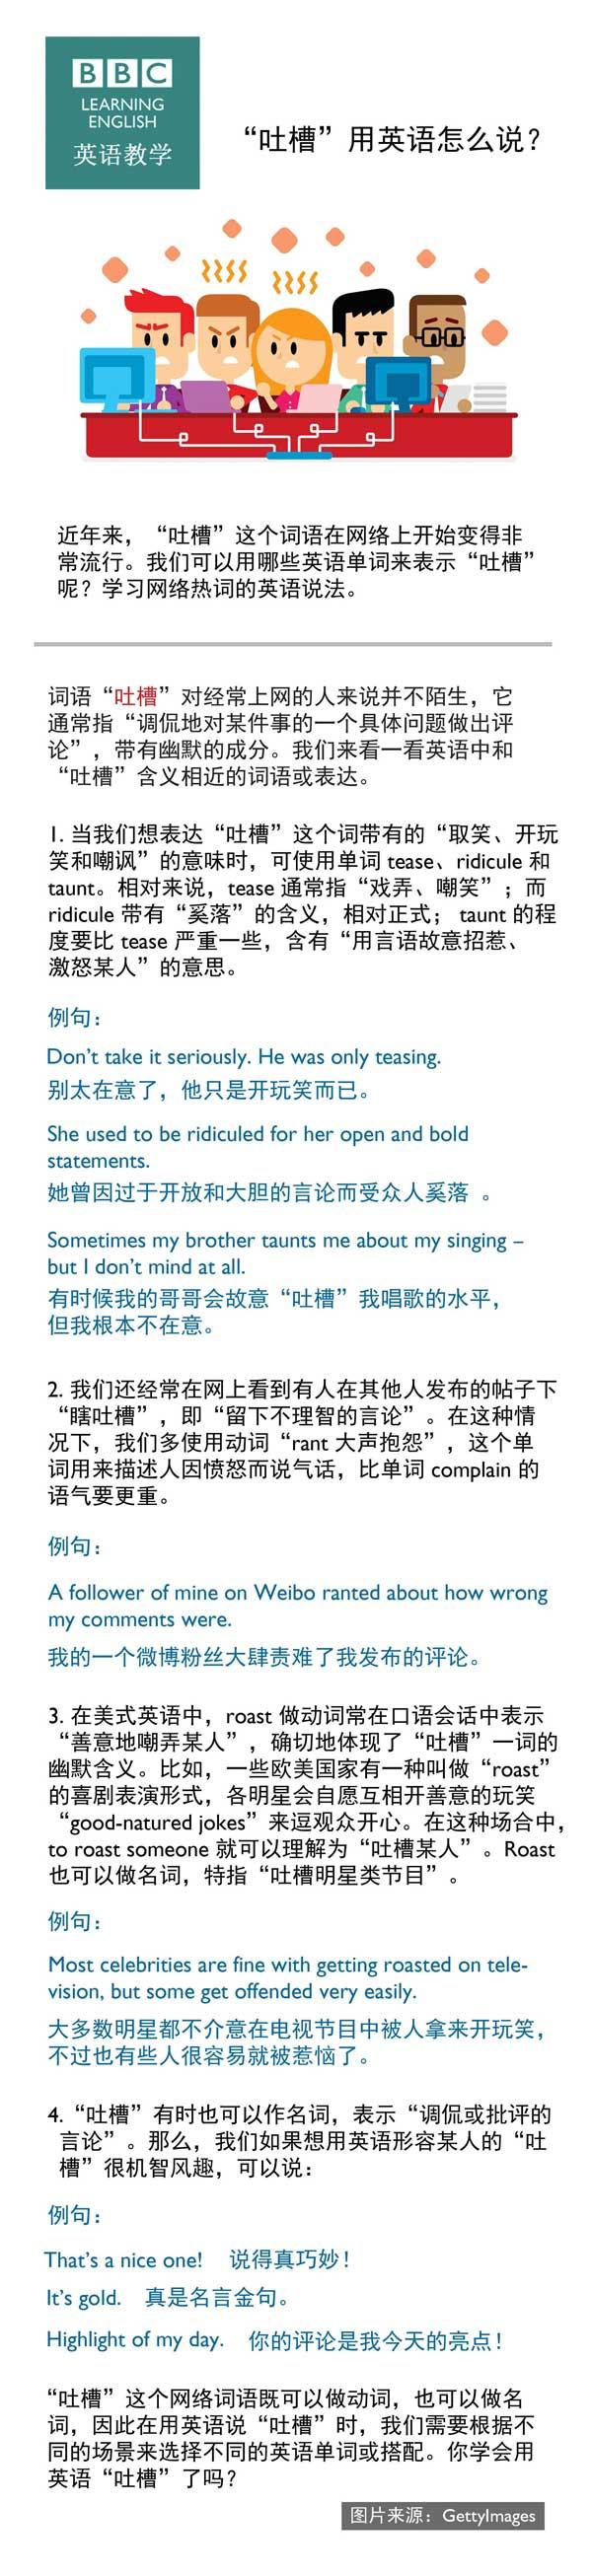 """淮南翻译公司""""吐槽""""用英语怎么说"""